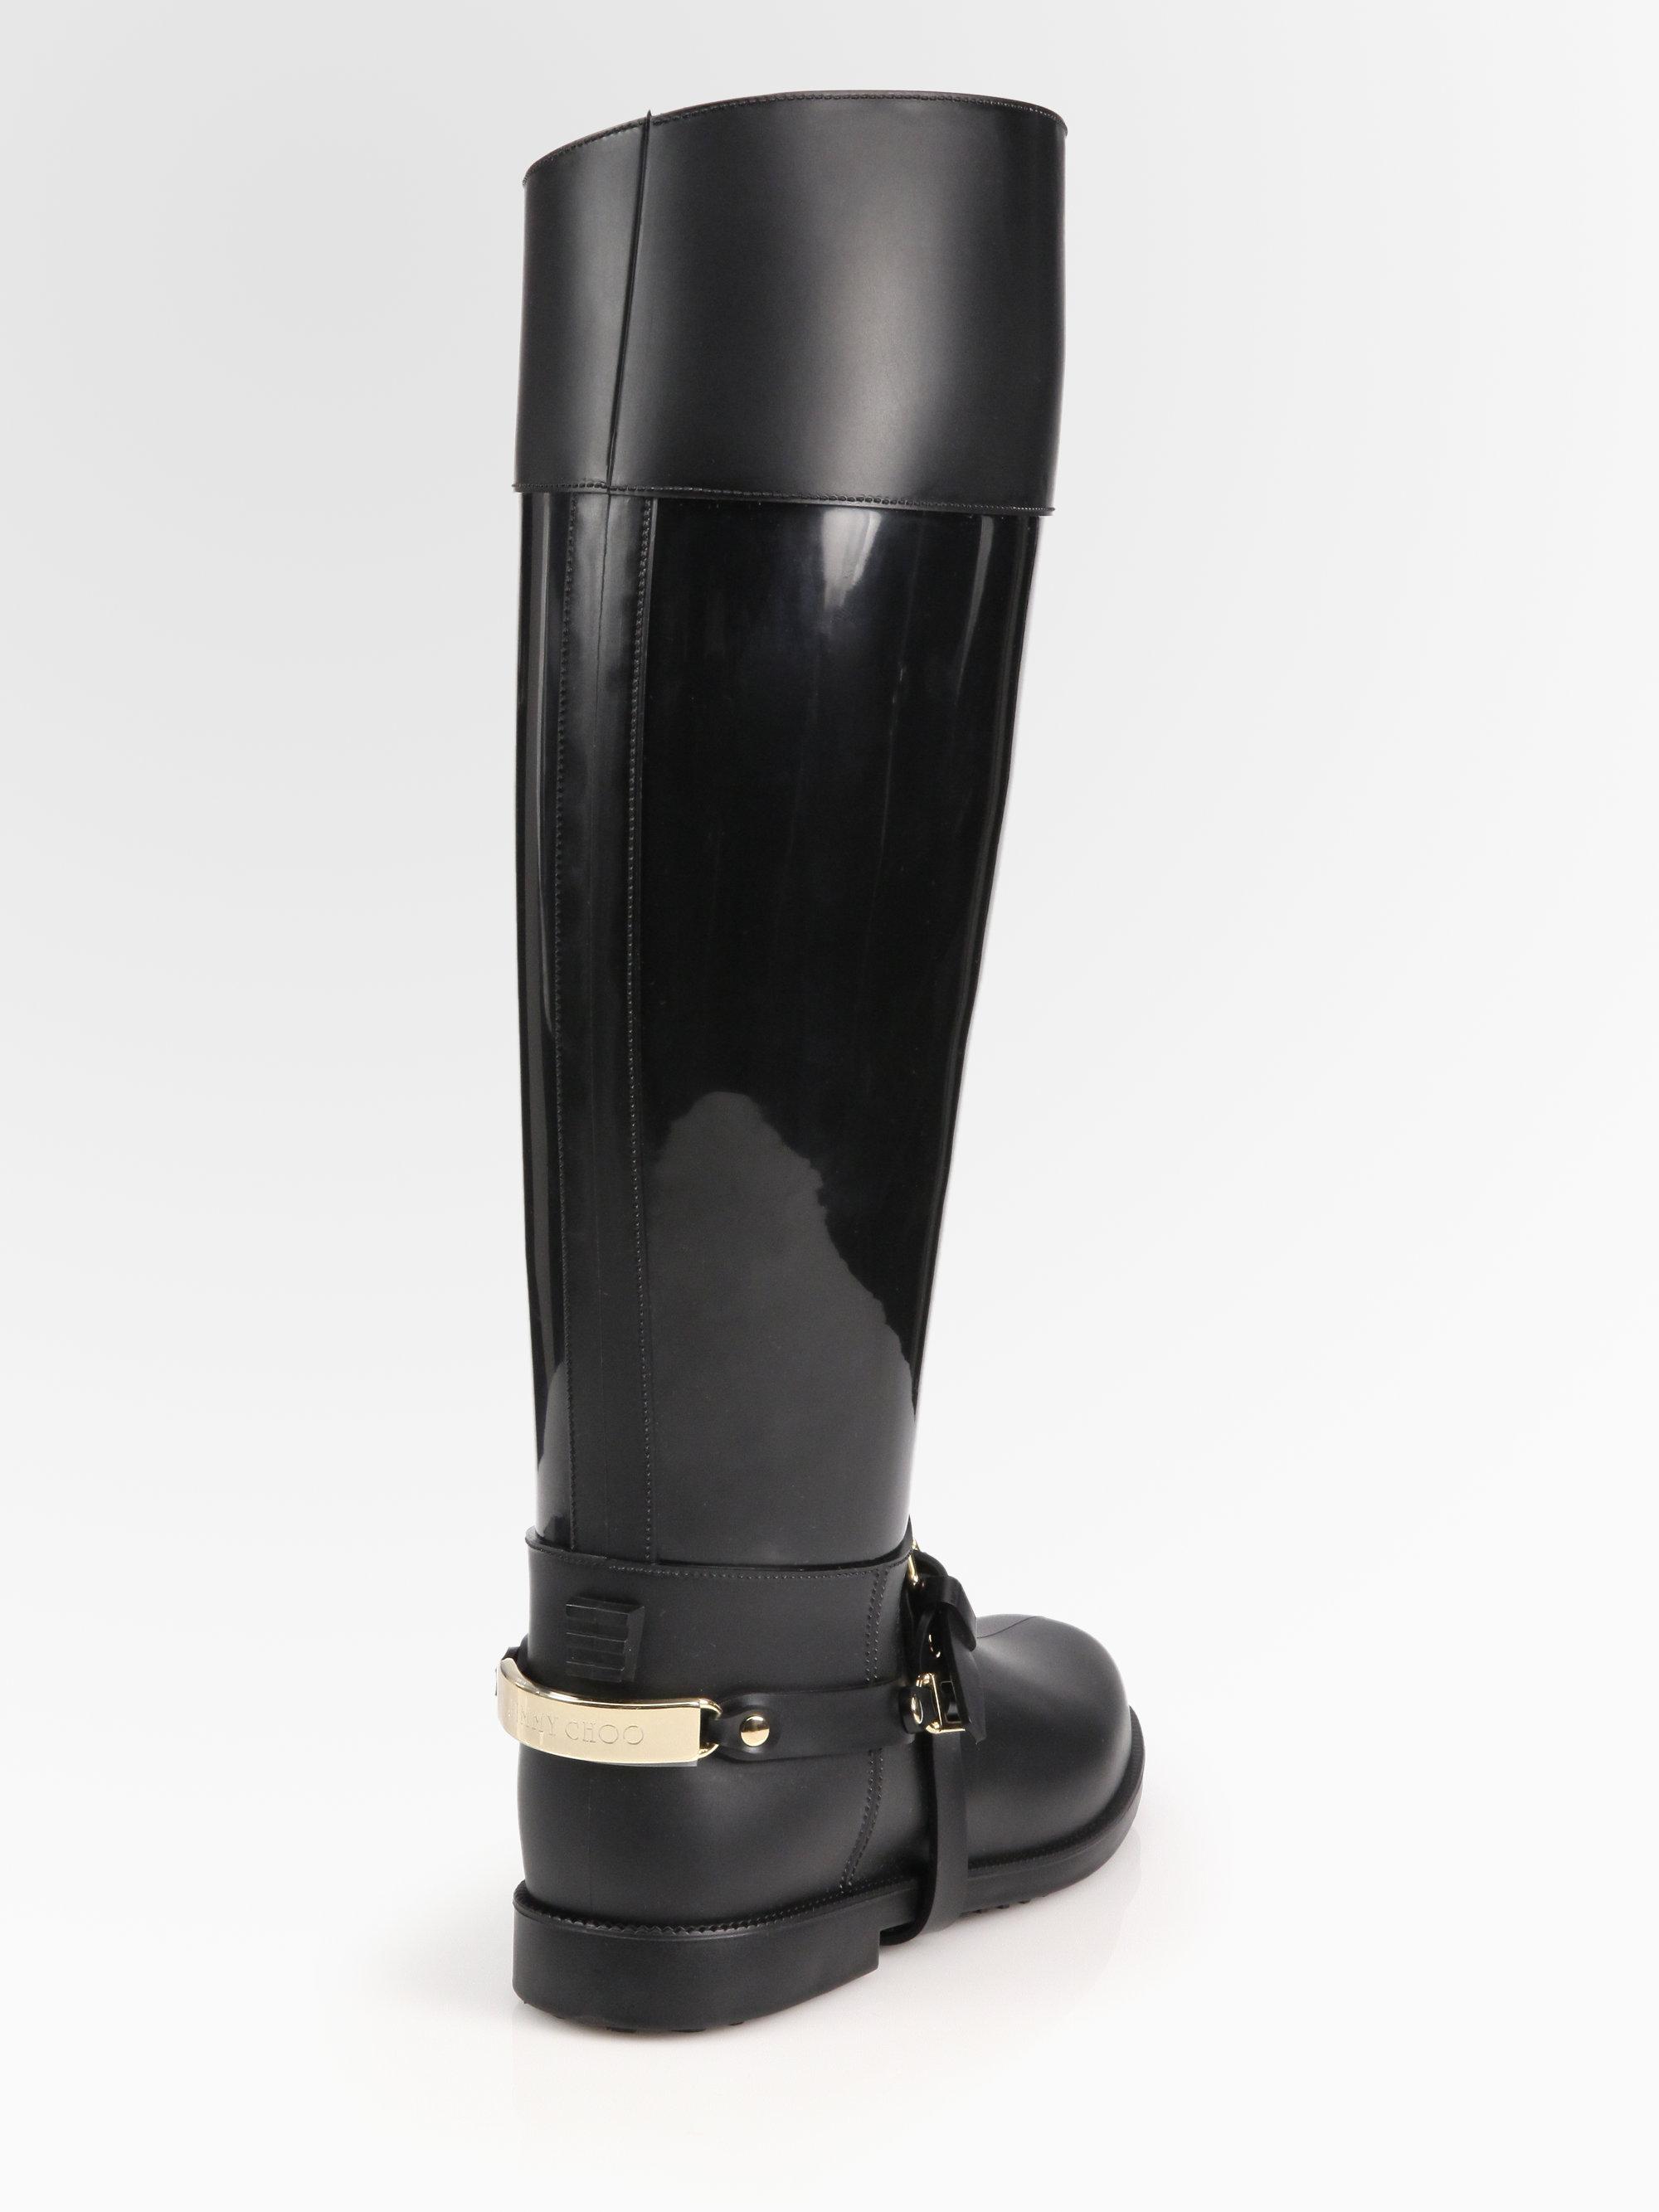 cf48b7c737d3 Lyst - Jimmy Choo Cheshire Flat Rain Boots in Black